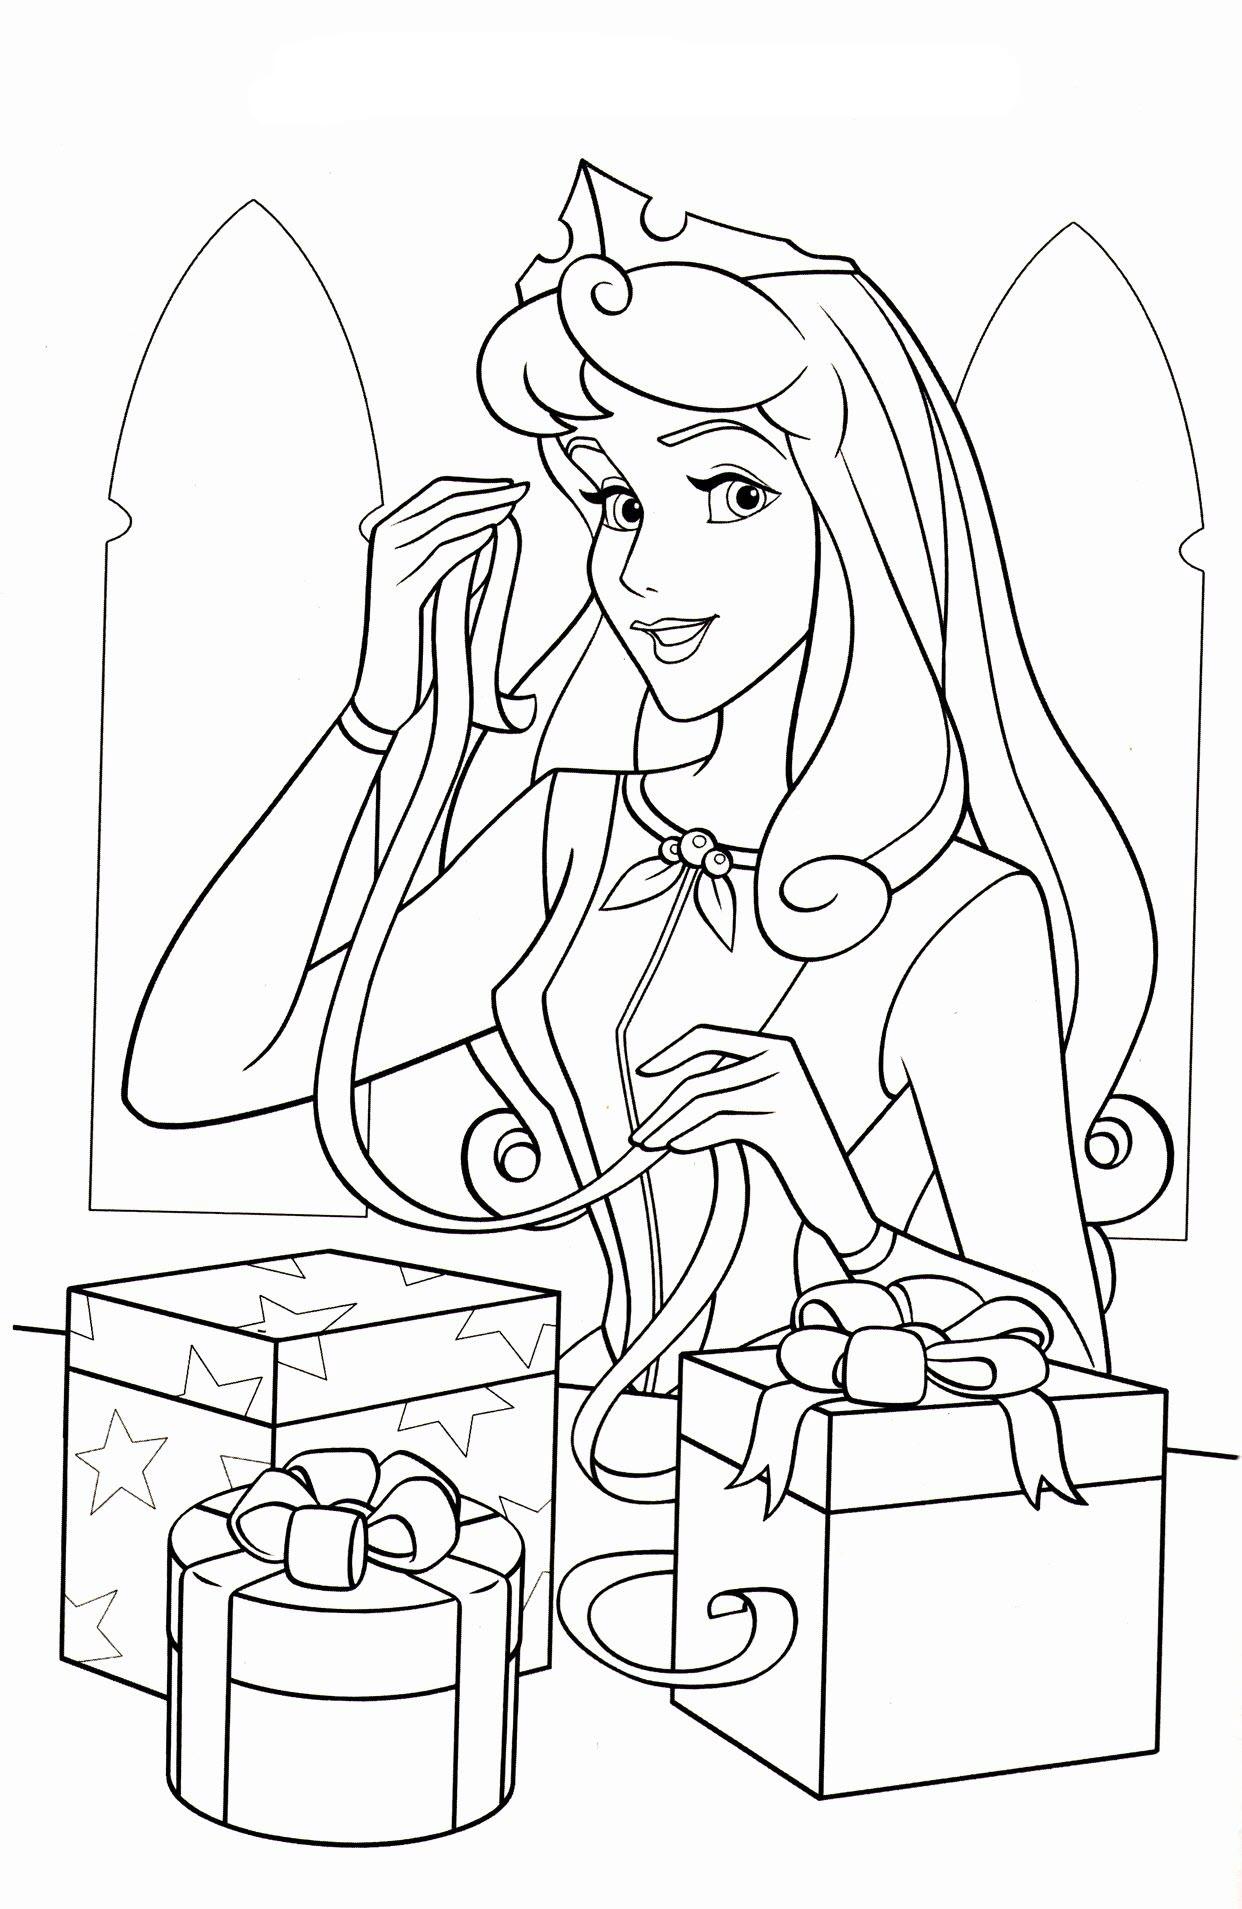 Tranh tô màu công chúa ngủ trong rừng và những món quà